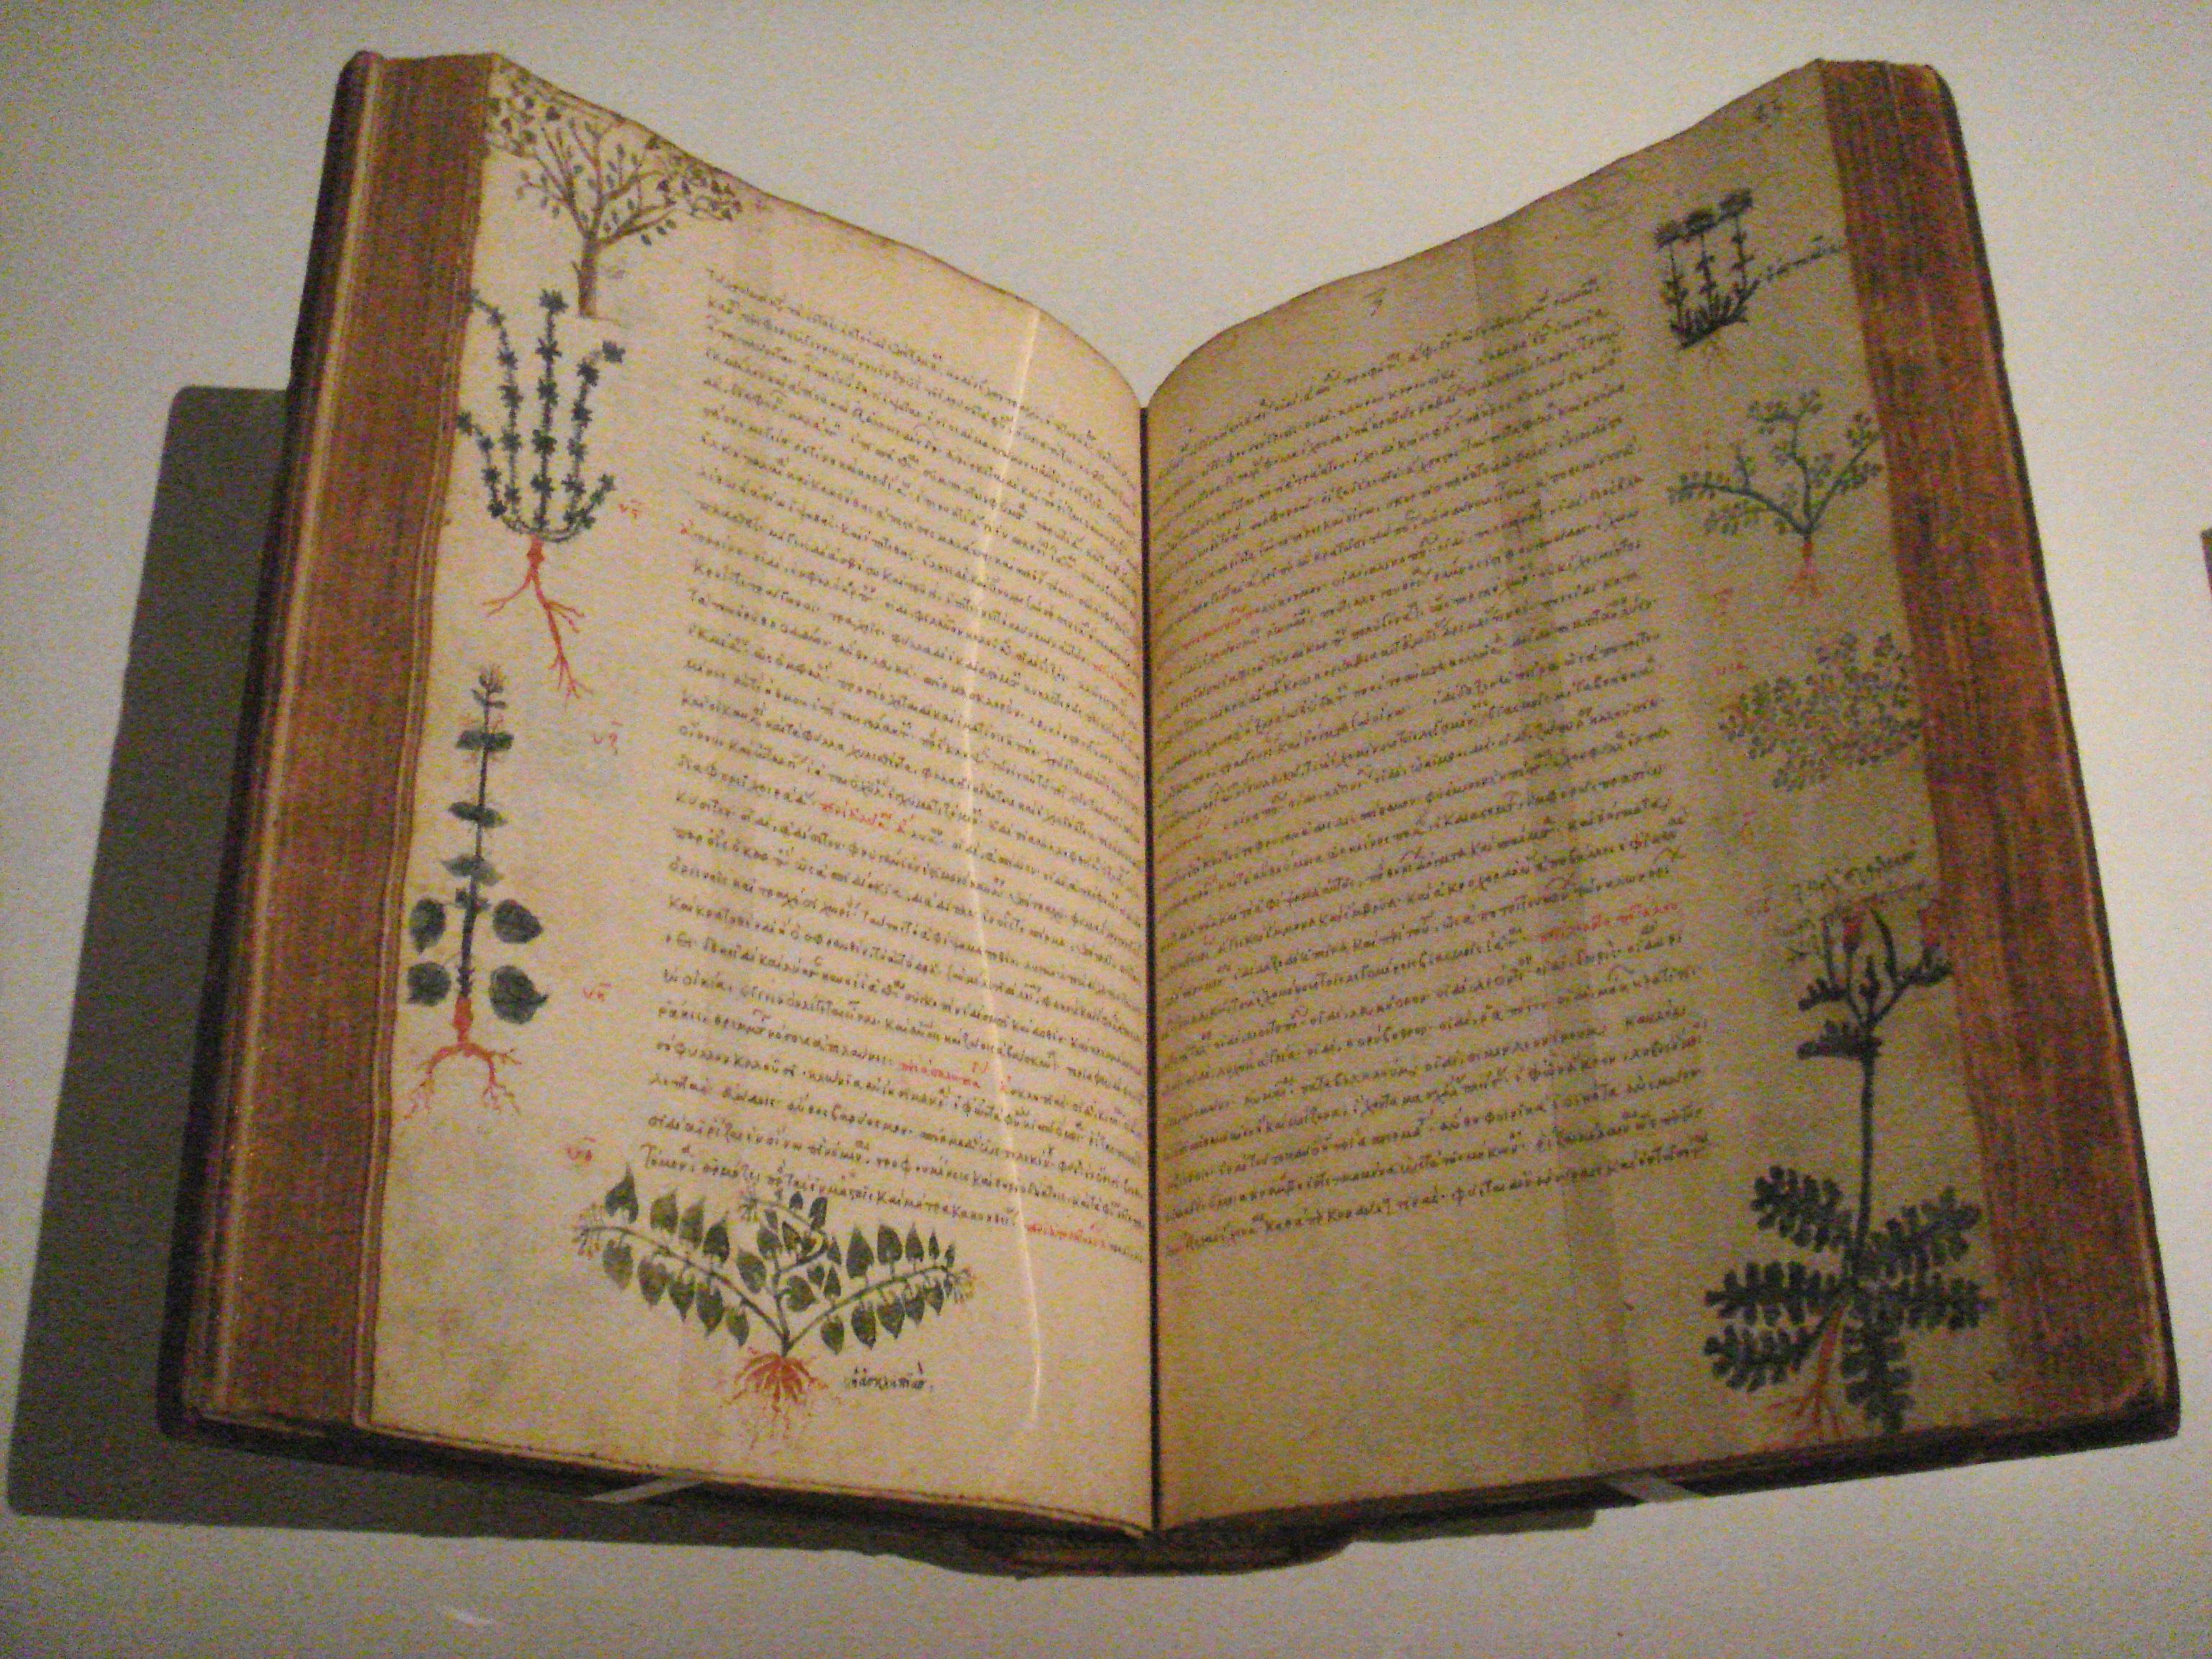 15 milionë faqe të librave të vjetër mjekësorë kalojnë në ueb